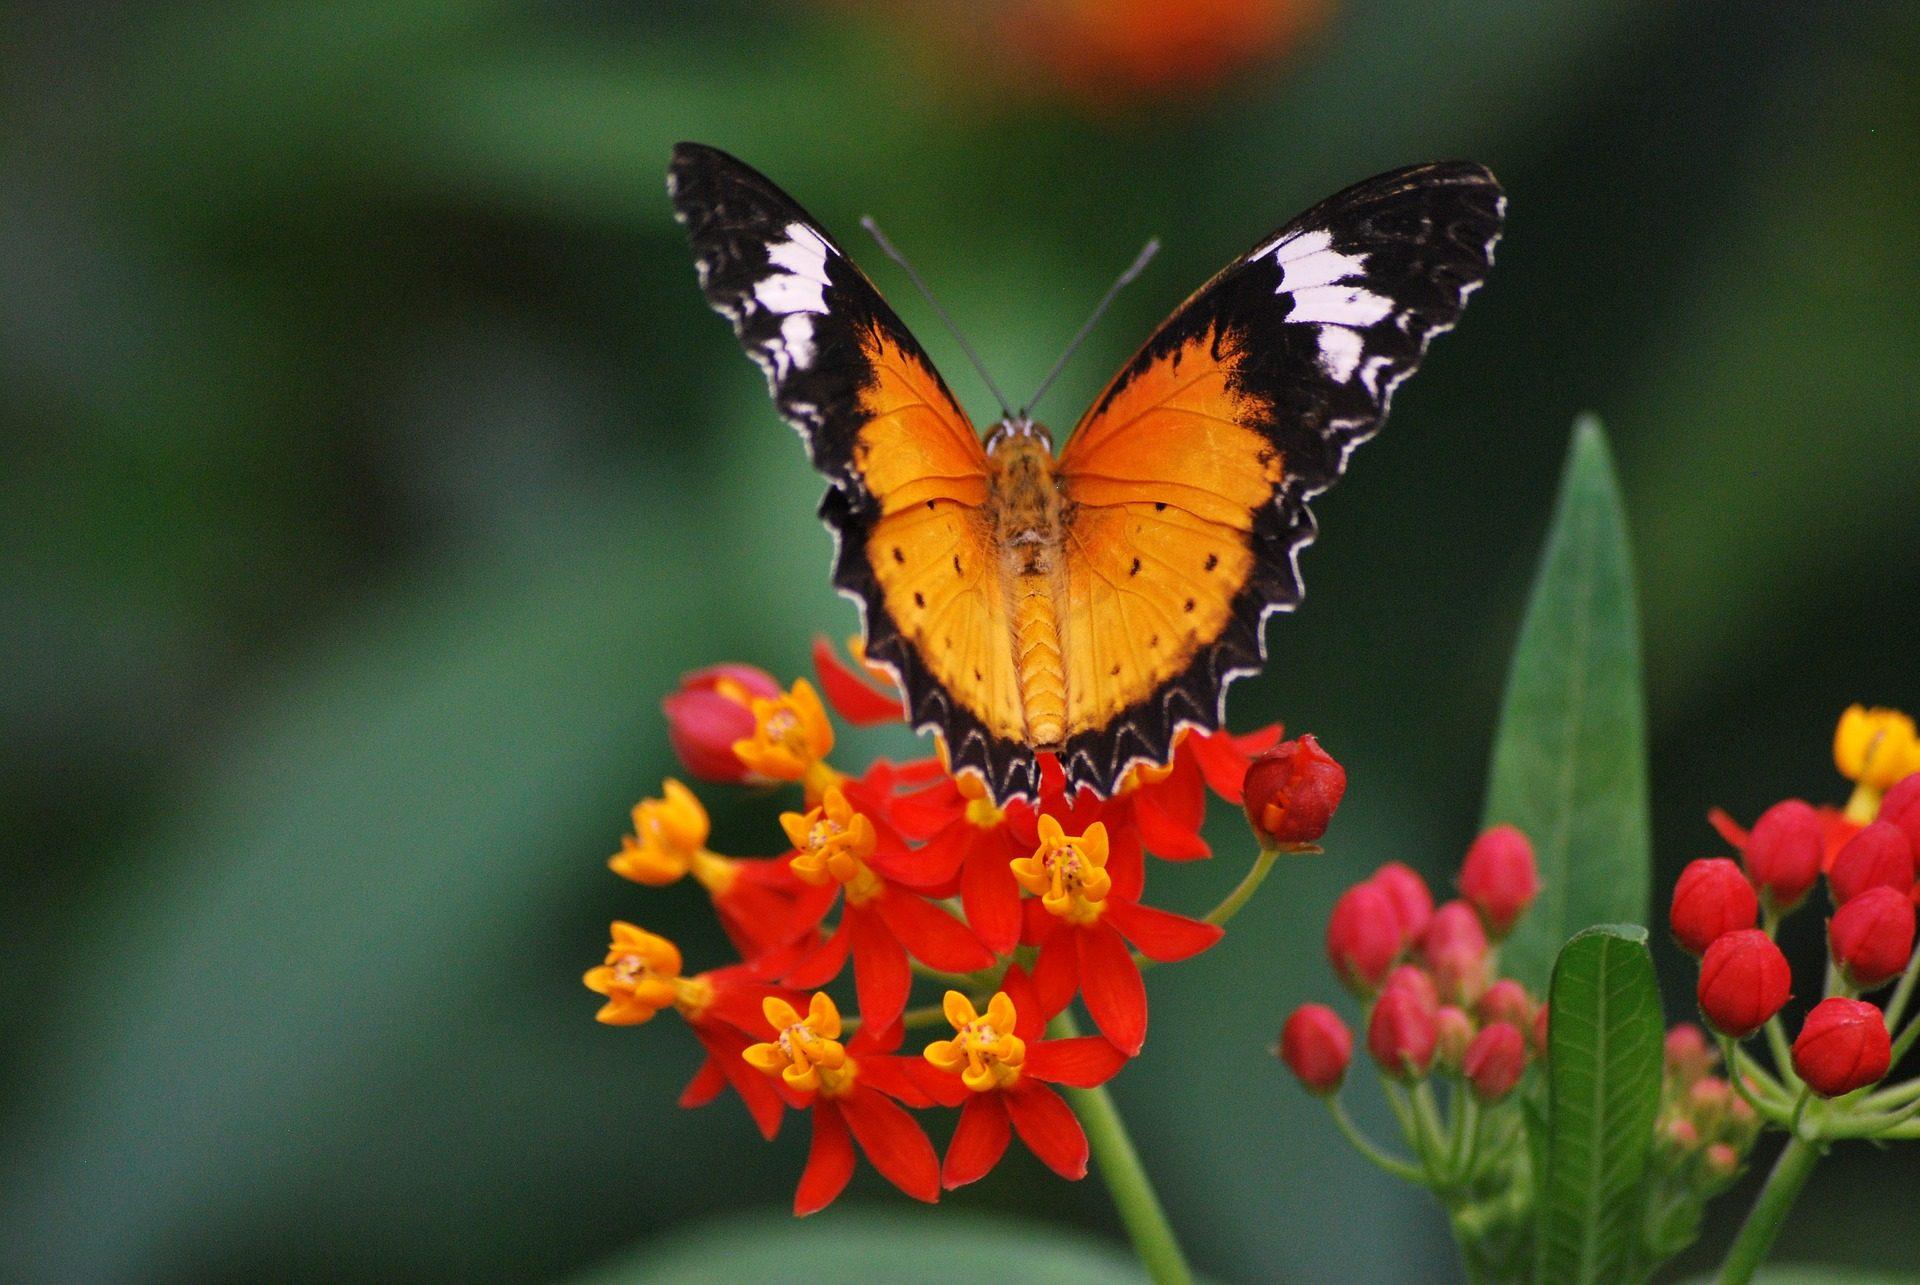 Papillon, fleur, ,pétales, insecte, ailes, coloré - Fonds d'écran HD - Professor-falken.com